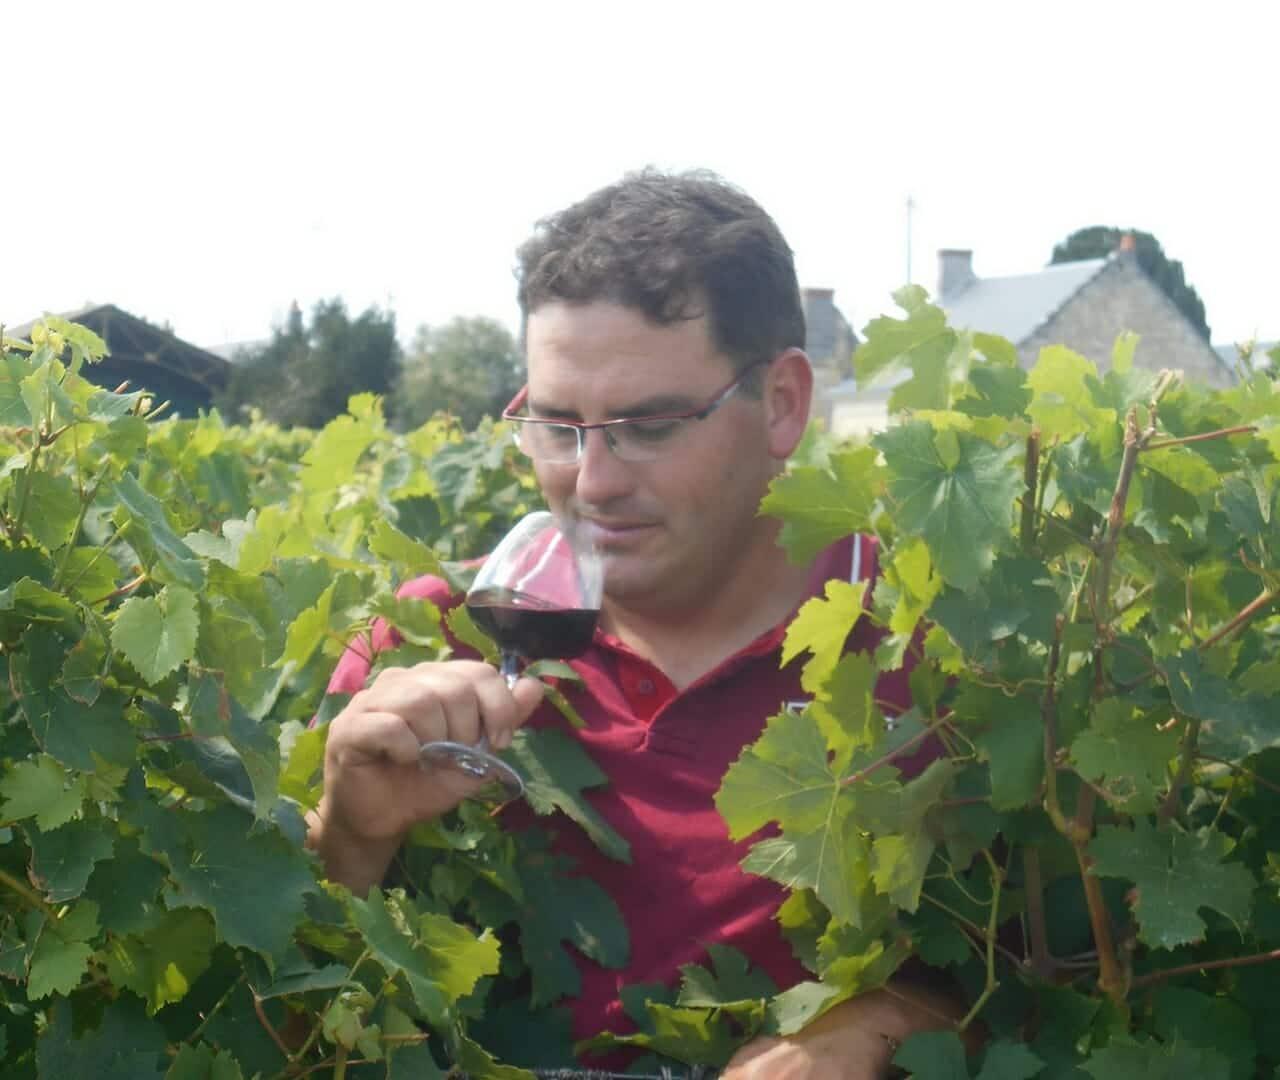 Vignoble du gros caillou patrice DELANOUE Saint Nicolas de Bourgueil